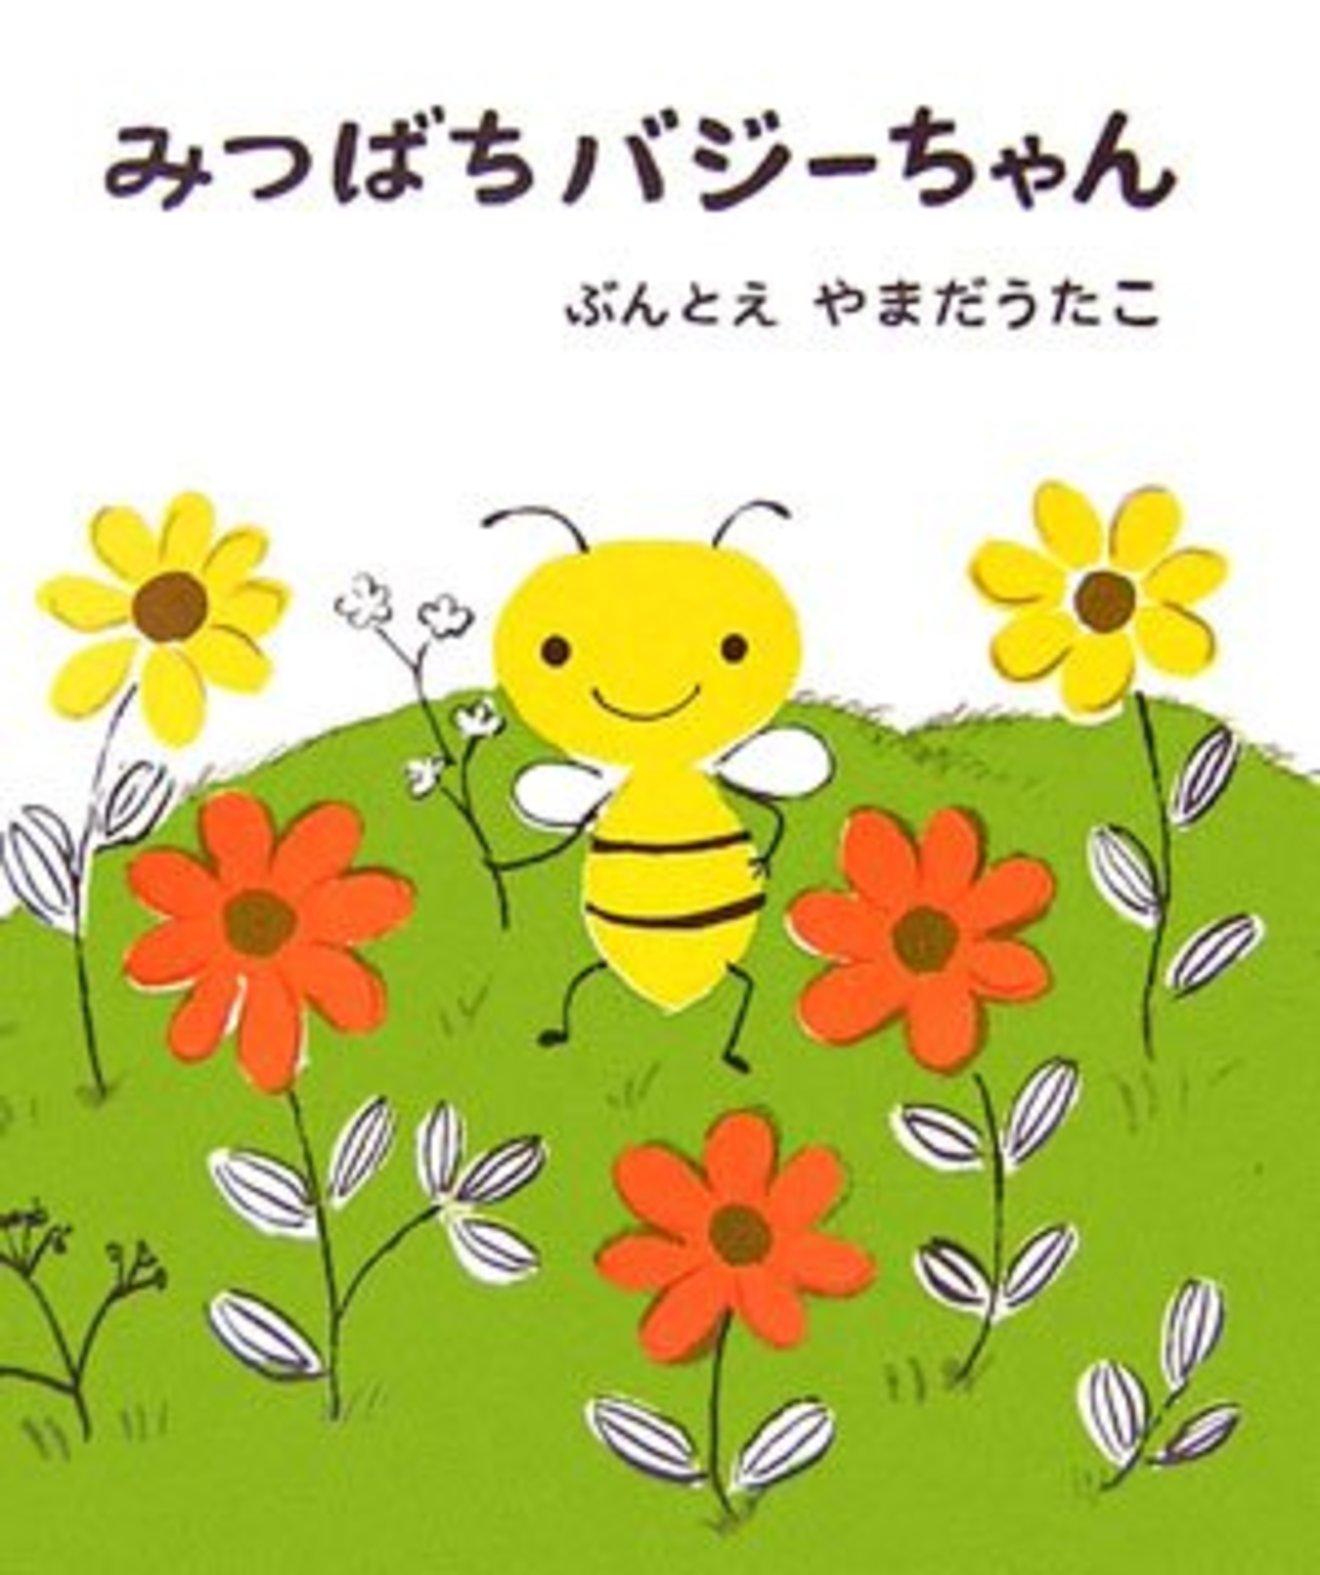 山田詩子が絵を描くおすすめ絵本4選!優しく温かいイラストが特徴